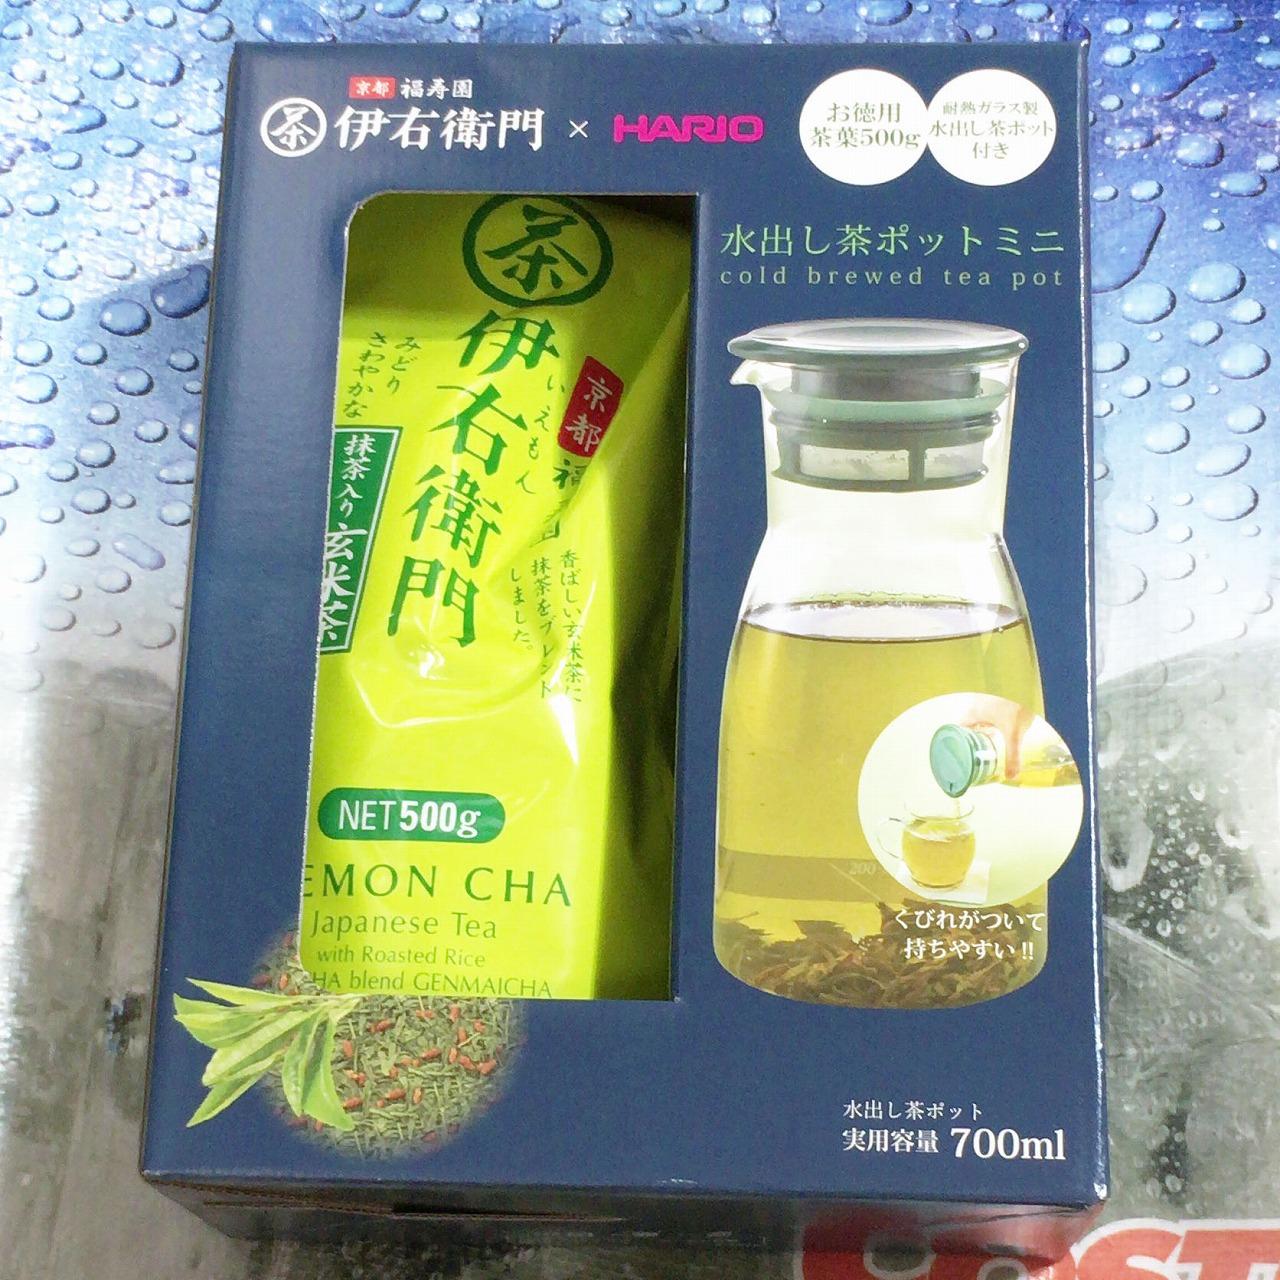 [2]が投稿した伊右衛門×HARIO 抹茶入り玄米茶 水出し茶ポット ミニセットの写真